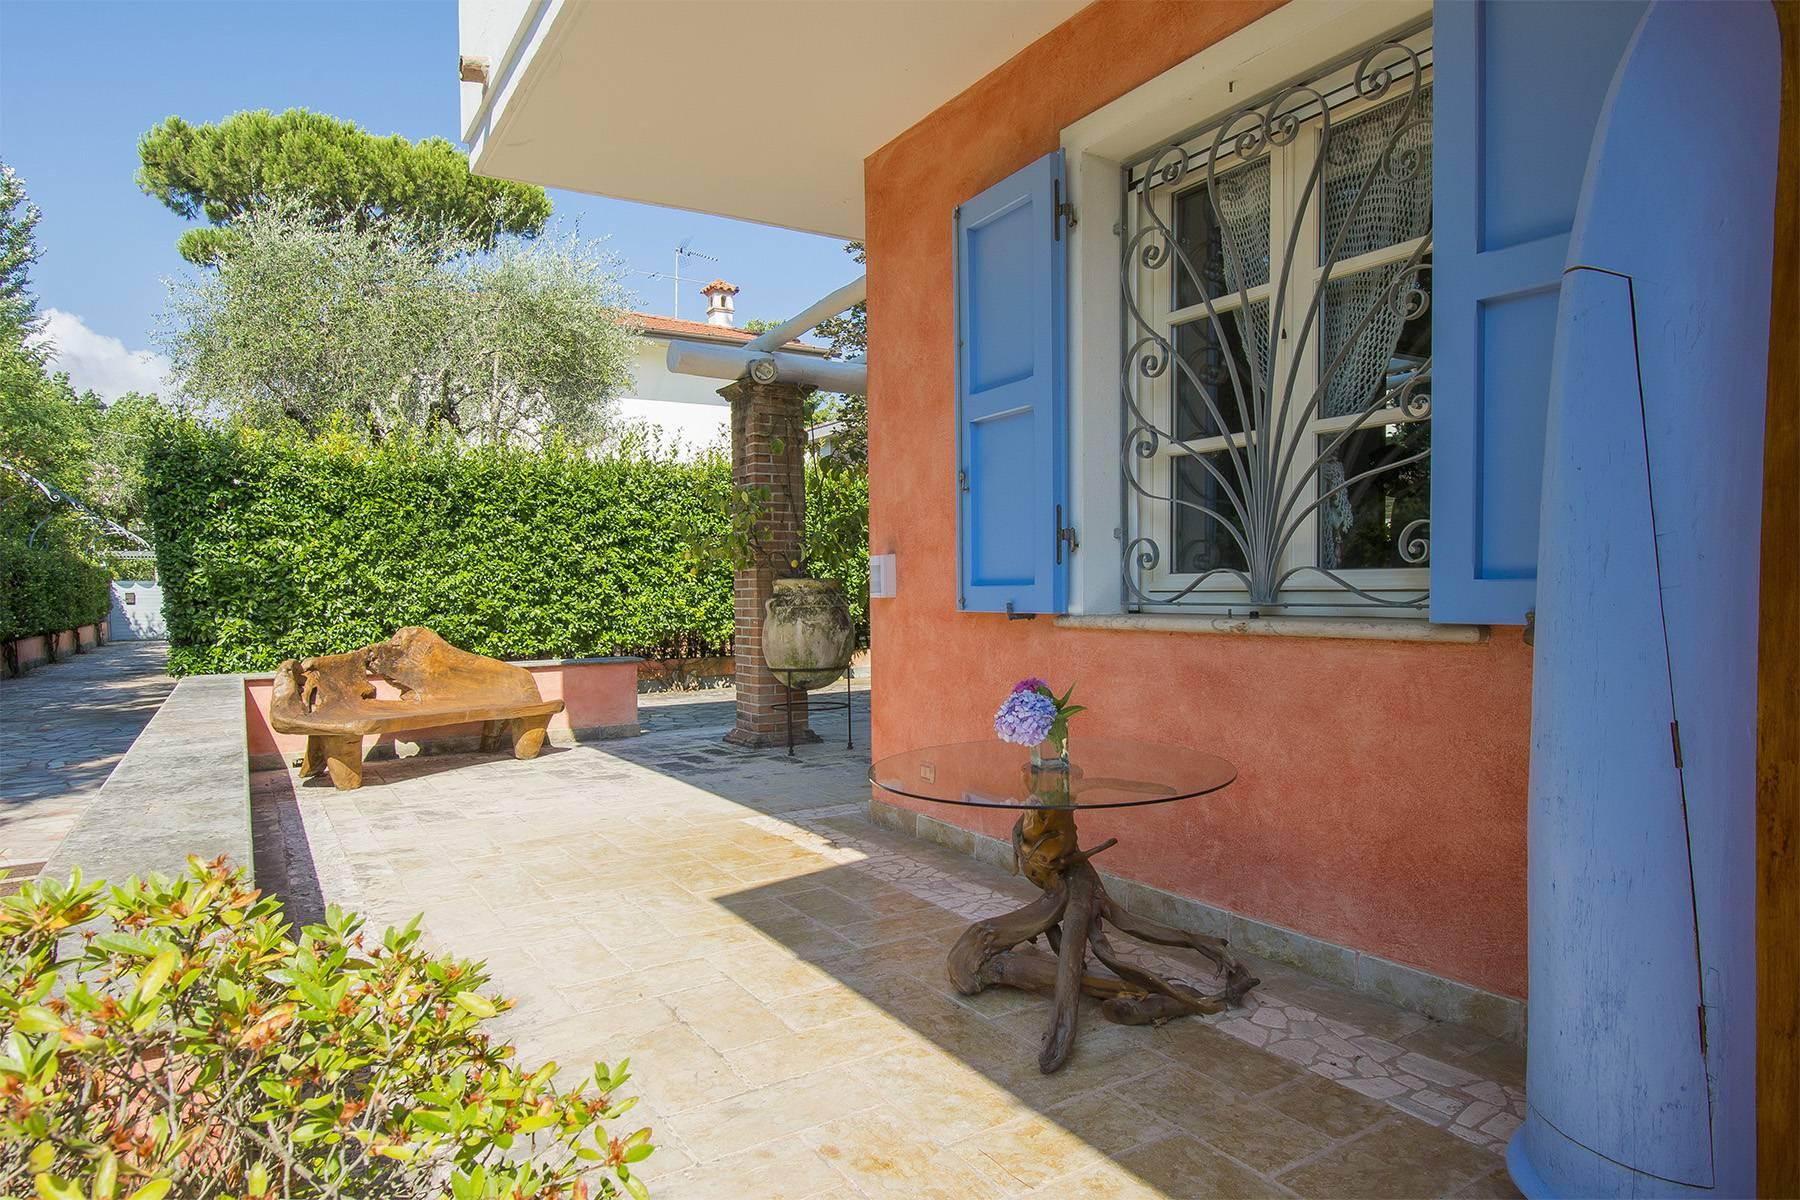 Casa indipendente in Vendita a Pietrasanta: 5 locali, 180 mq - Foto 2